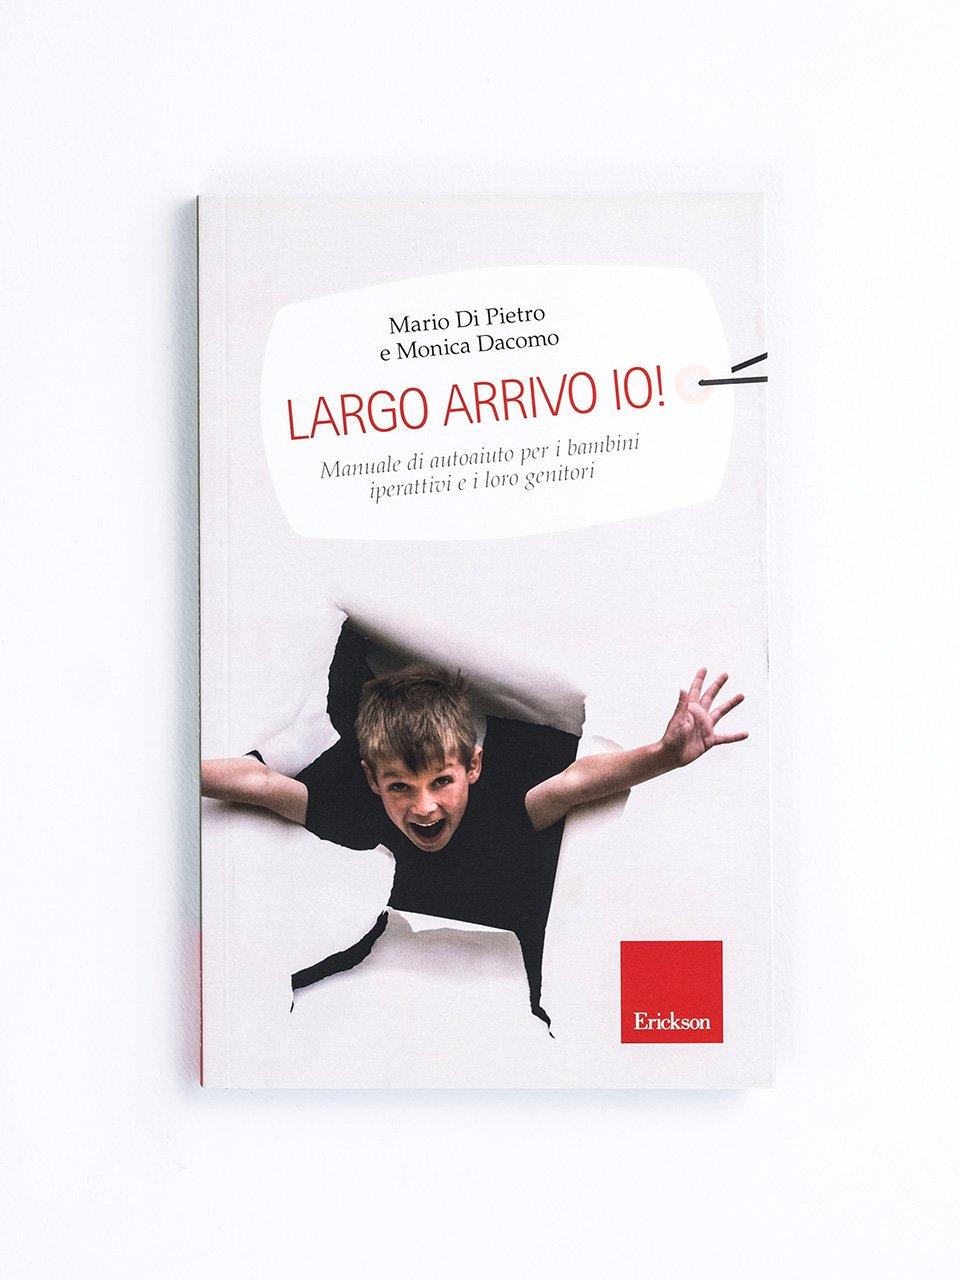 Largo, arrivo io! - Un'offerta completa di libri e corsi di formazione sul Disturbo da Deficit di Attenzione e Iperattività nei bambini. Scopri sul sito